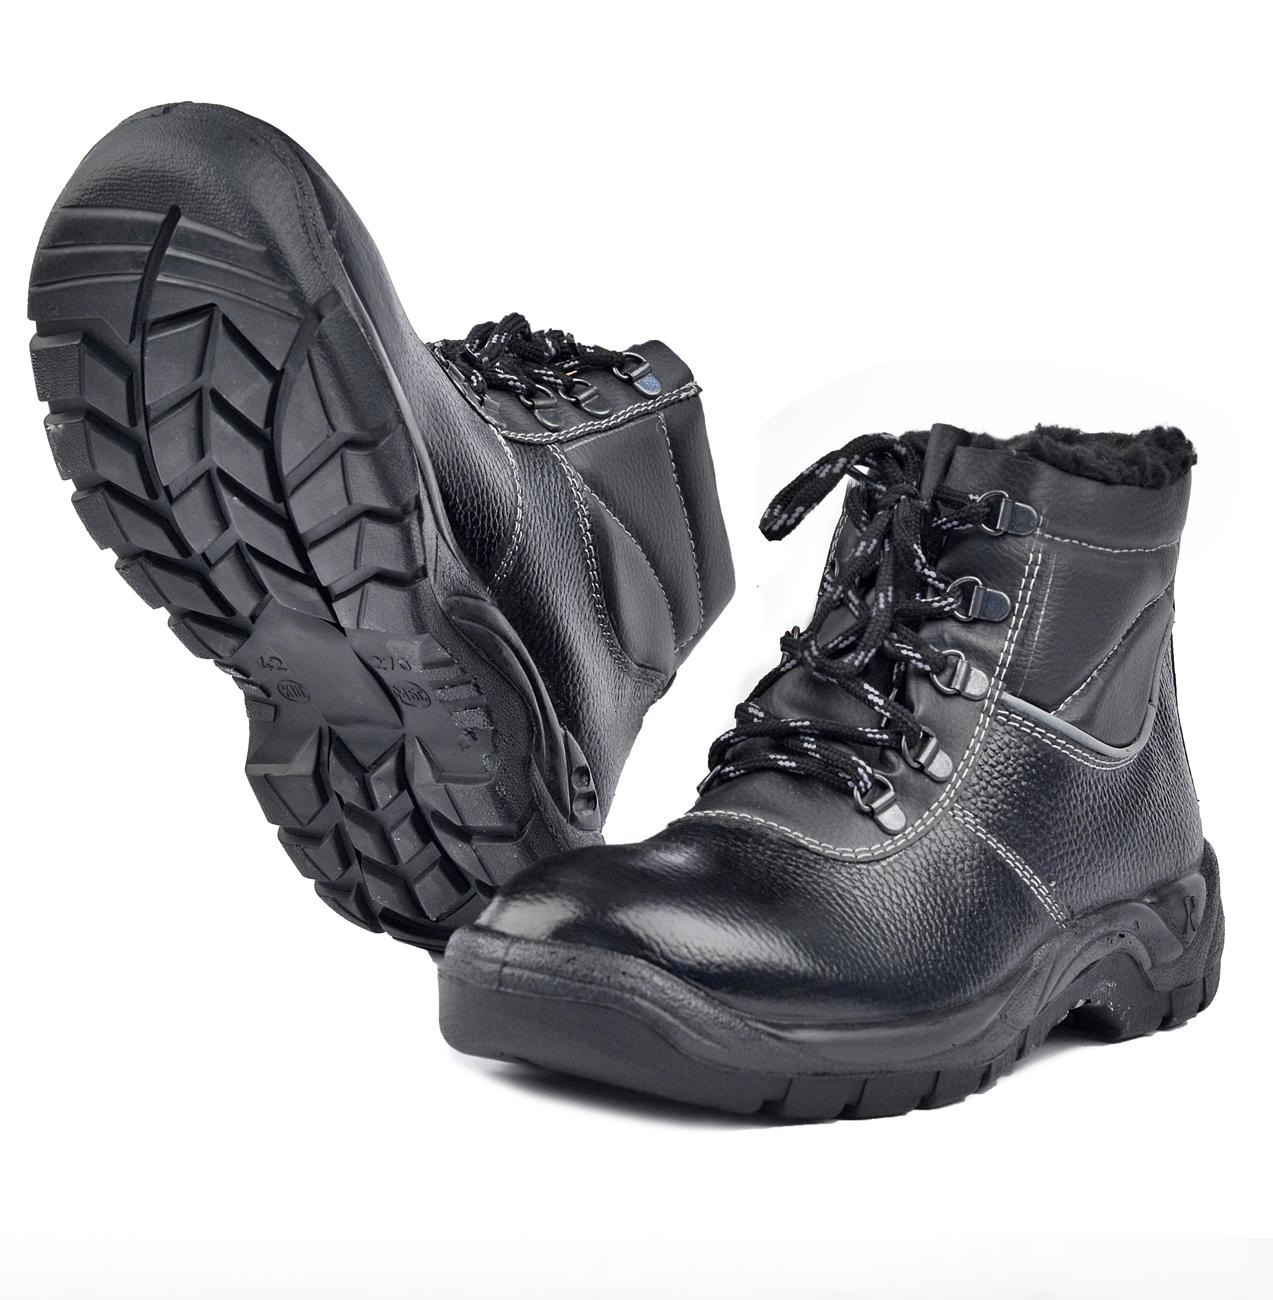 Ботинки ПУ/НИТРИЛ на искусственном меху Ботинки универсальные и рабочие<br>Отличная универсальные ботинки, подходят <br>для различных отраслей промышленности. <br>Глухой клапан препятствует попаданию производственной <br>пыли, грязи и воды. Форма мягкого канта повторяет <br>контур ноги и надежно фиксирует её. Подошва <br>выдерживает высокий температурный режим, <br>не более 300С, не замерзает и не дубеет на <br>морозе.<br><br>Пол: мужской<br>Сезон: зима<br>Цвет: черный